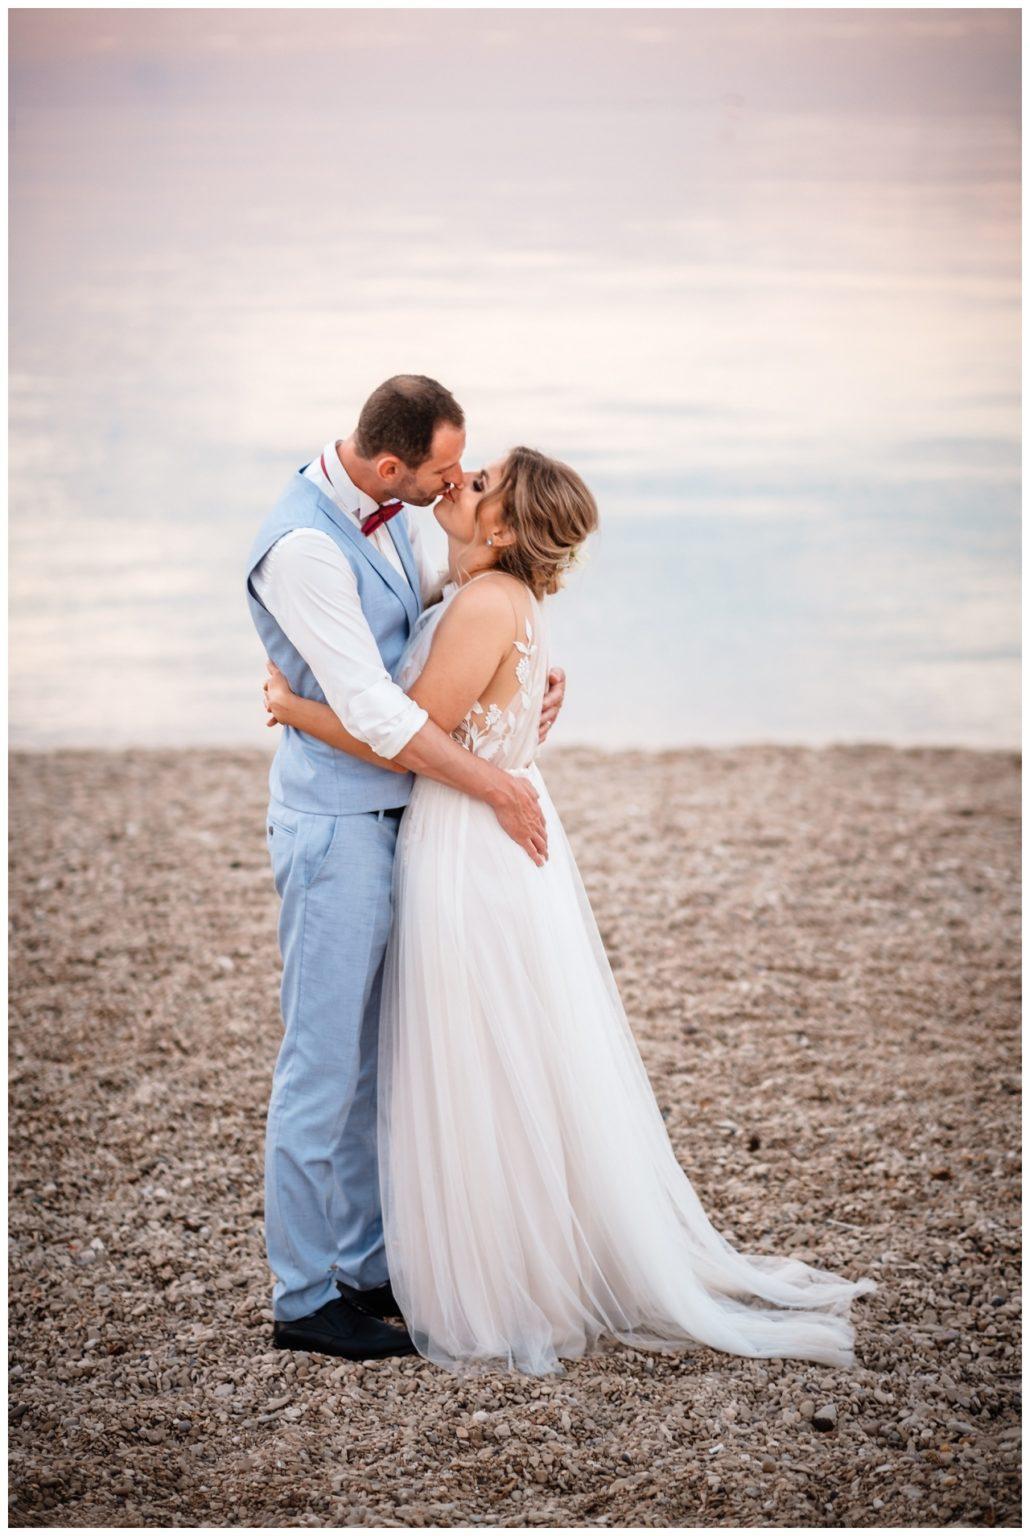 hochzeit brac inse boho heiraten kroatien hochzeitsplaner 77 - Glam Boho Hochzeit auf der Insel Brač